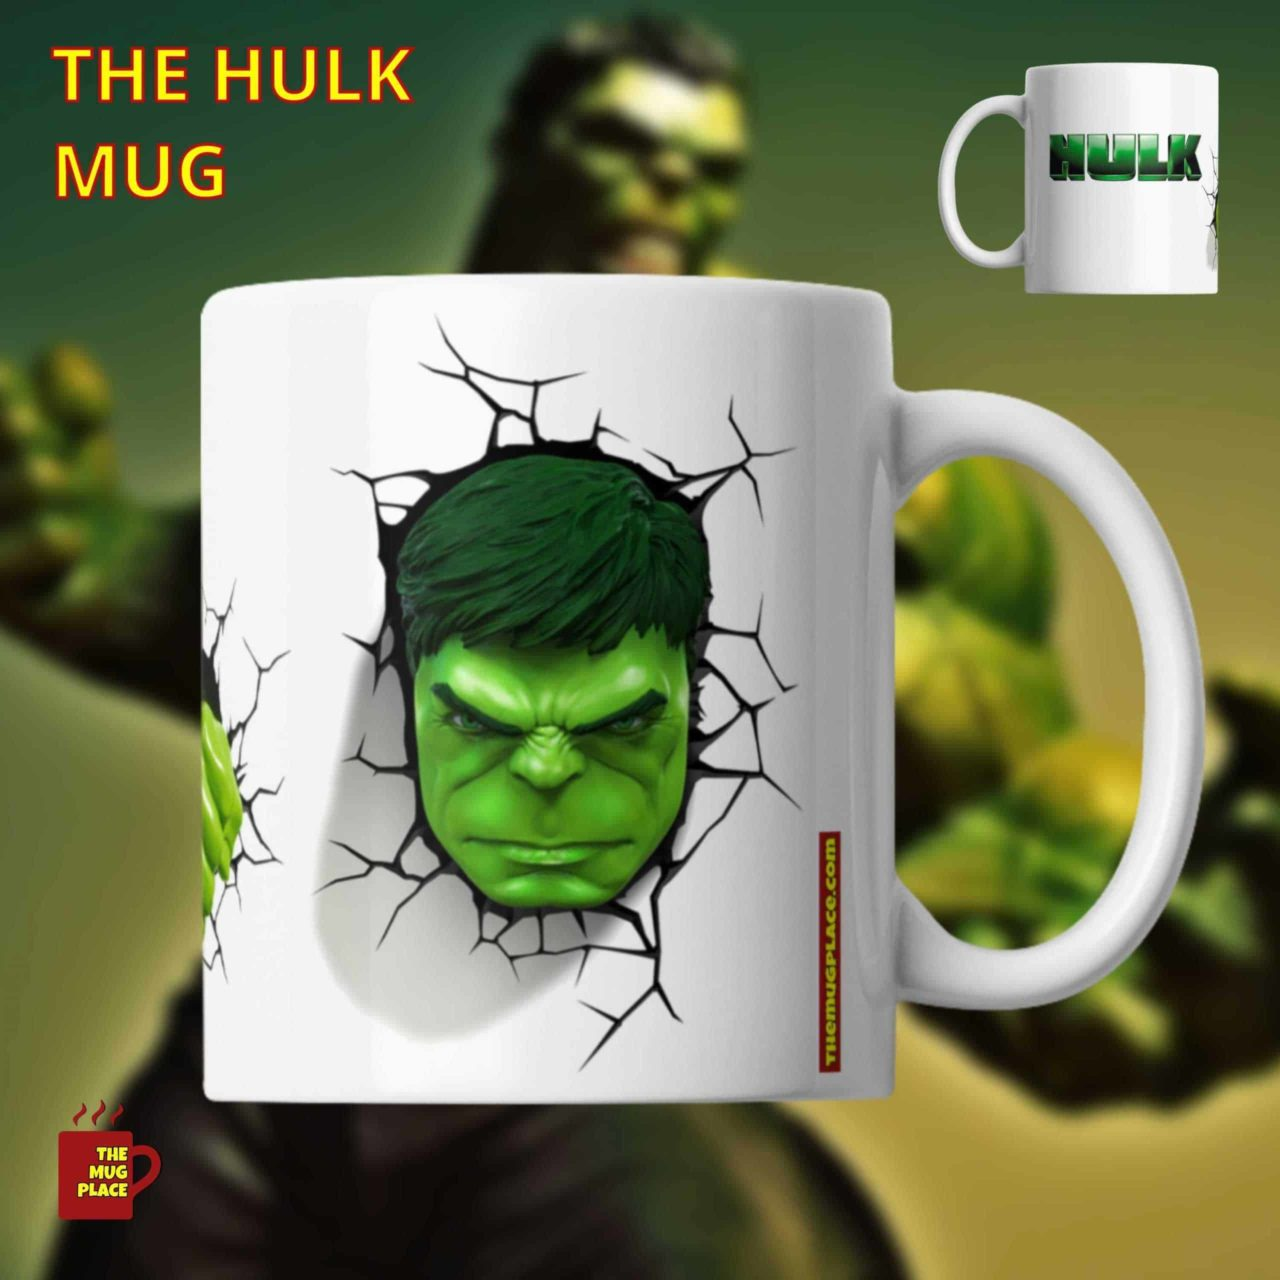 The Hulk Mug